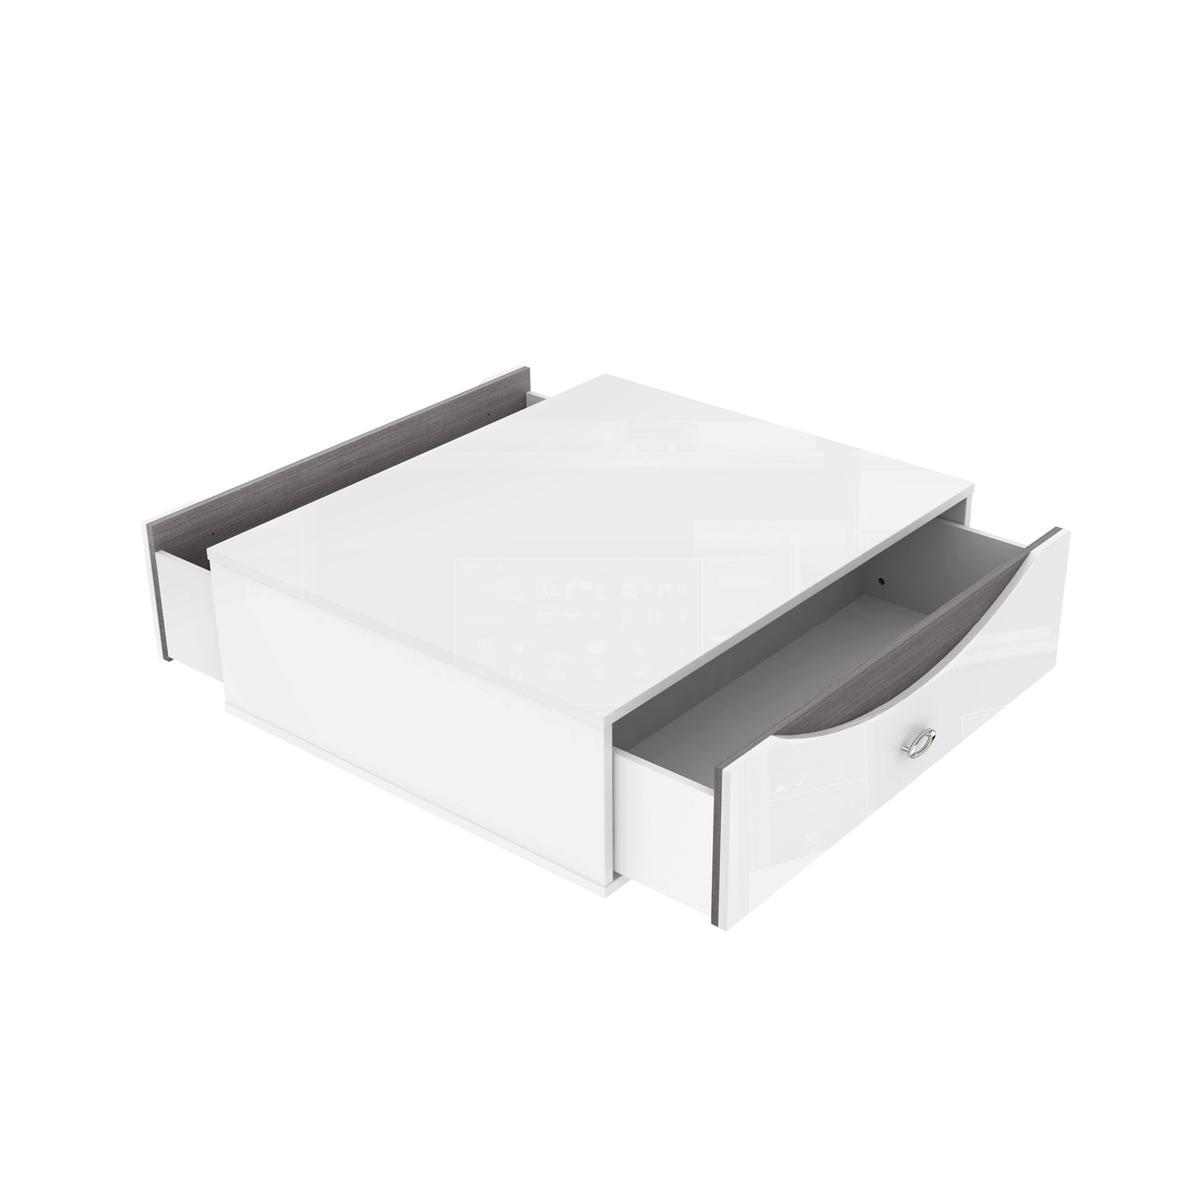 couchtisch wave wohnzimmer tisch wei hochglanz eiche grau ebay. Black Bedroom Furniture Sets. Home Design Ideas